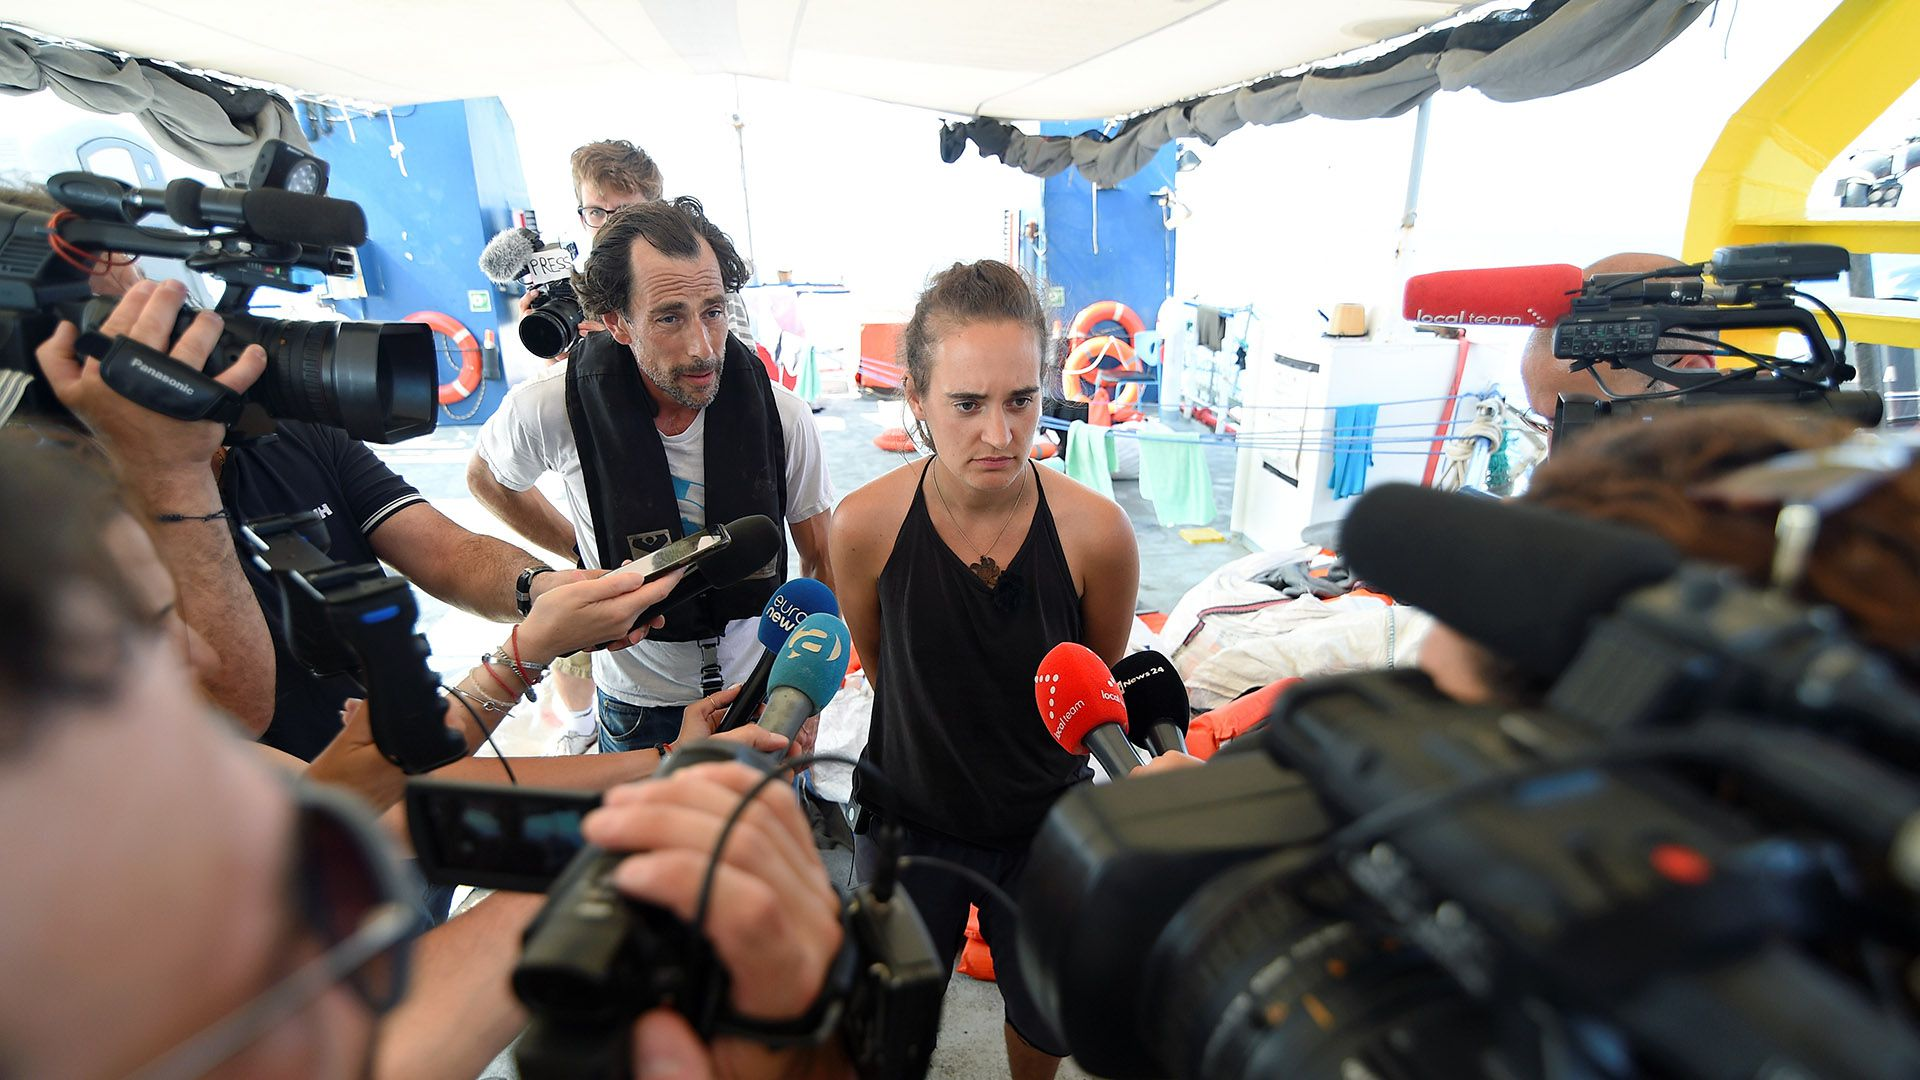 Carola Rackete, capitana del barco de rescate Sea-Watch 3, habla a los medios de comunicación cuandola embarcaciónpermanecía bloqueada a una milla del puerto de Lampedusa, Italia, el 27 de junio de 2019 (REUTERS/Guglielmo Mangiapane)